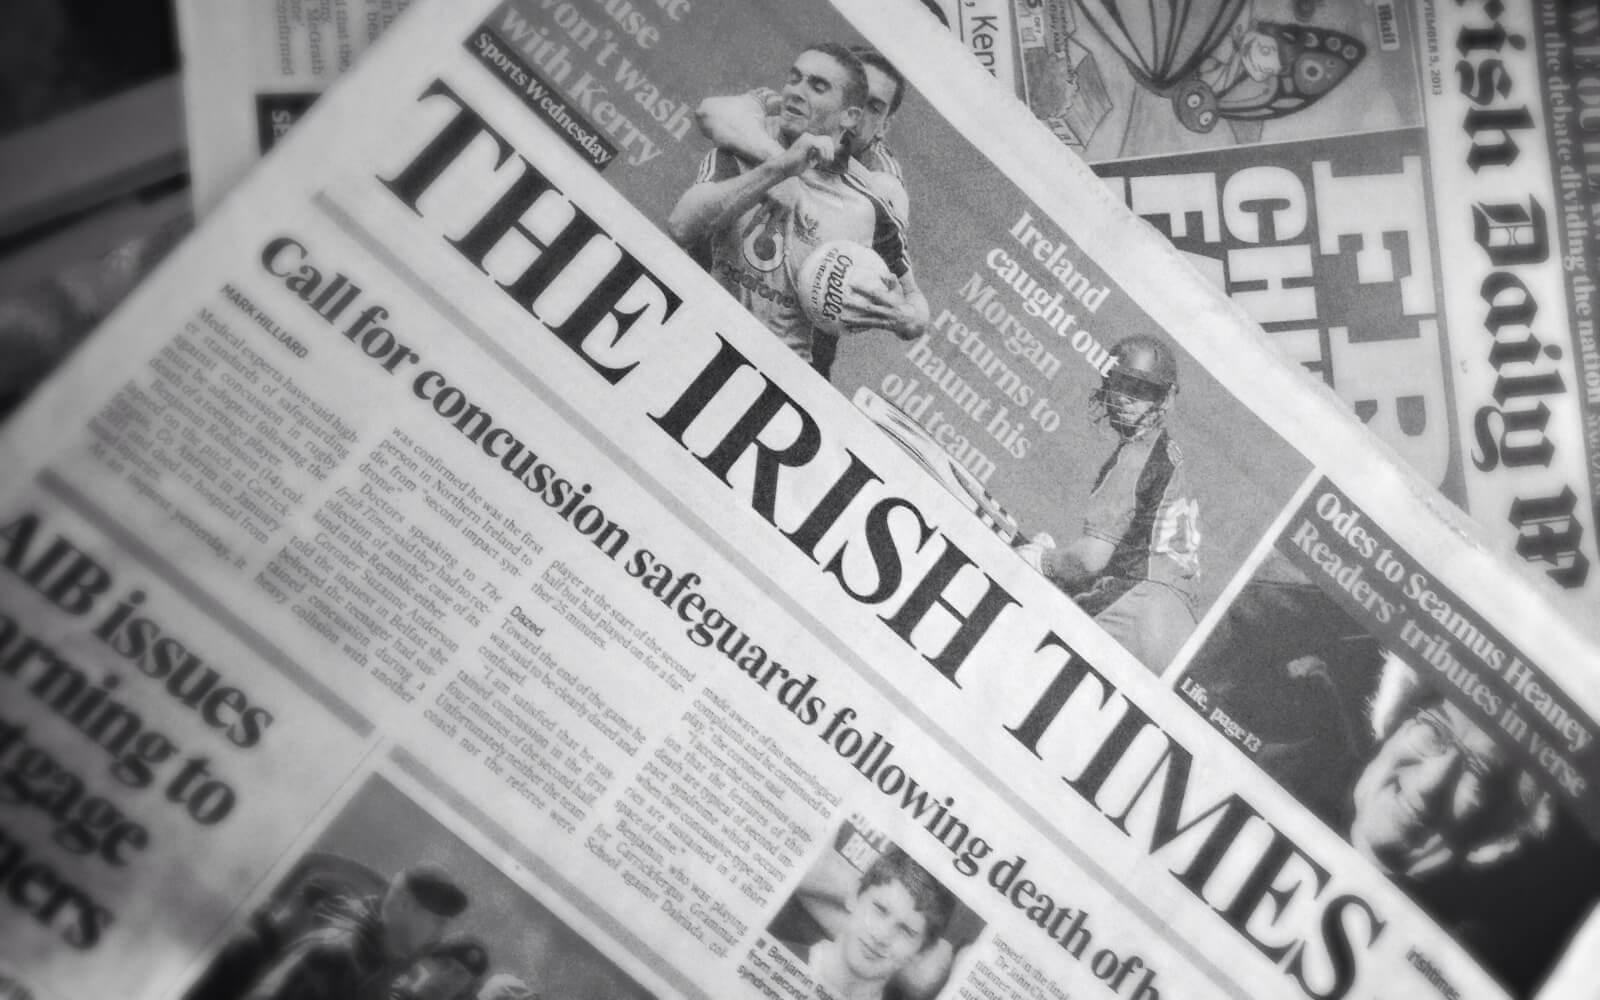 Titelblatt der Irish Times